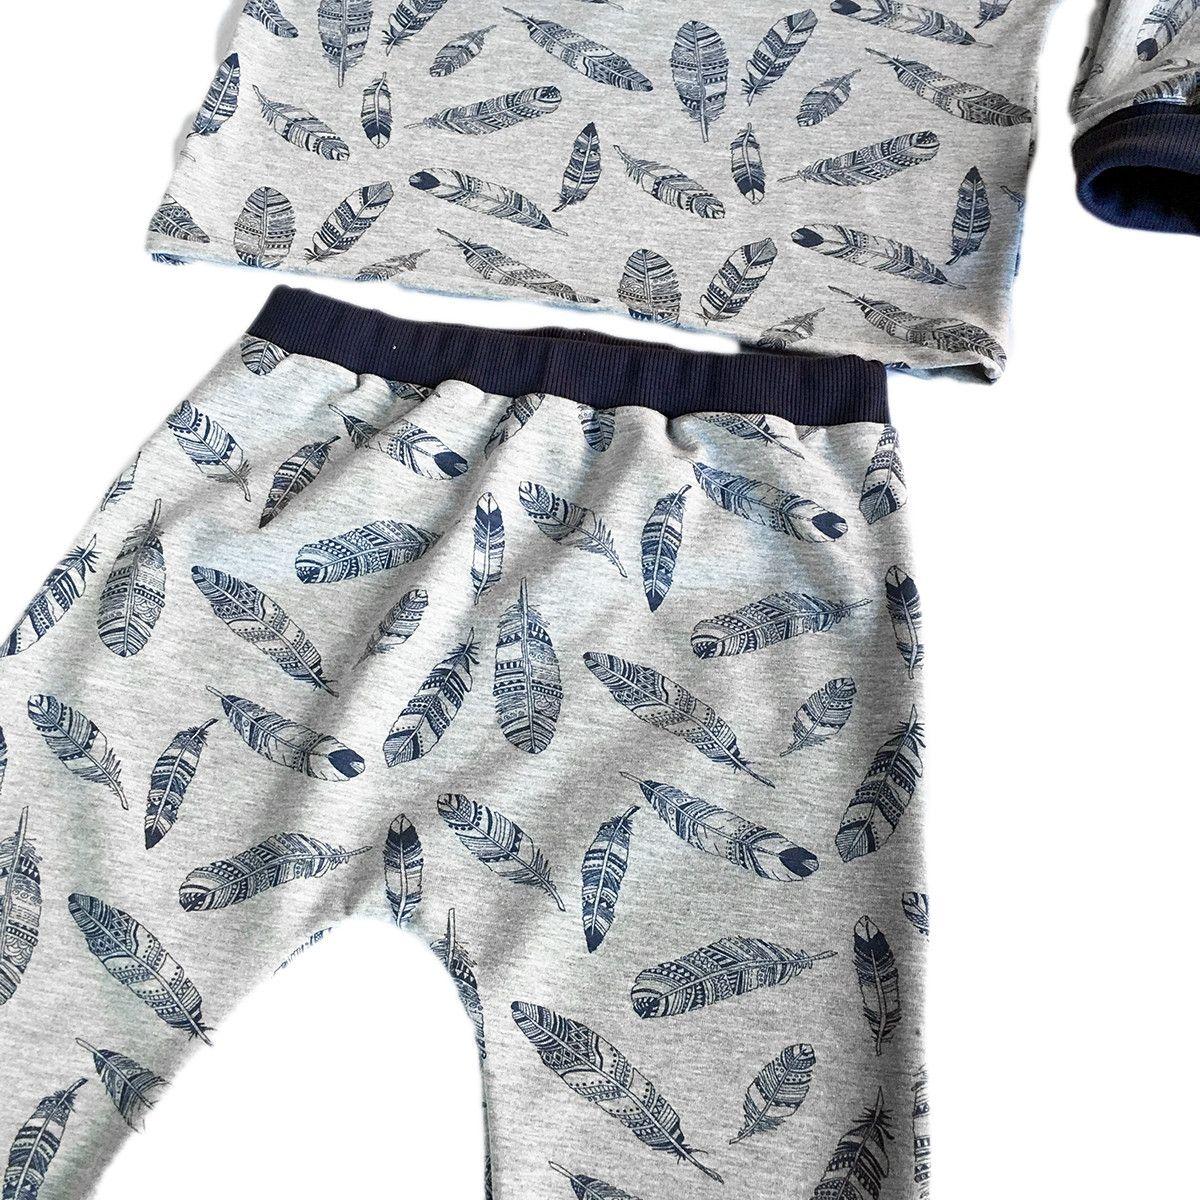 ensemble mixte cordoba pdf 1m 4a b b s mixtes patron de couture et jogging. Black Bedroom Furniture Sets. Home Design Ideas